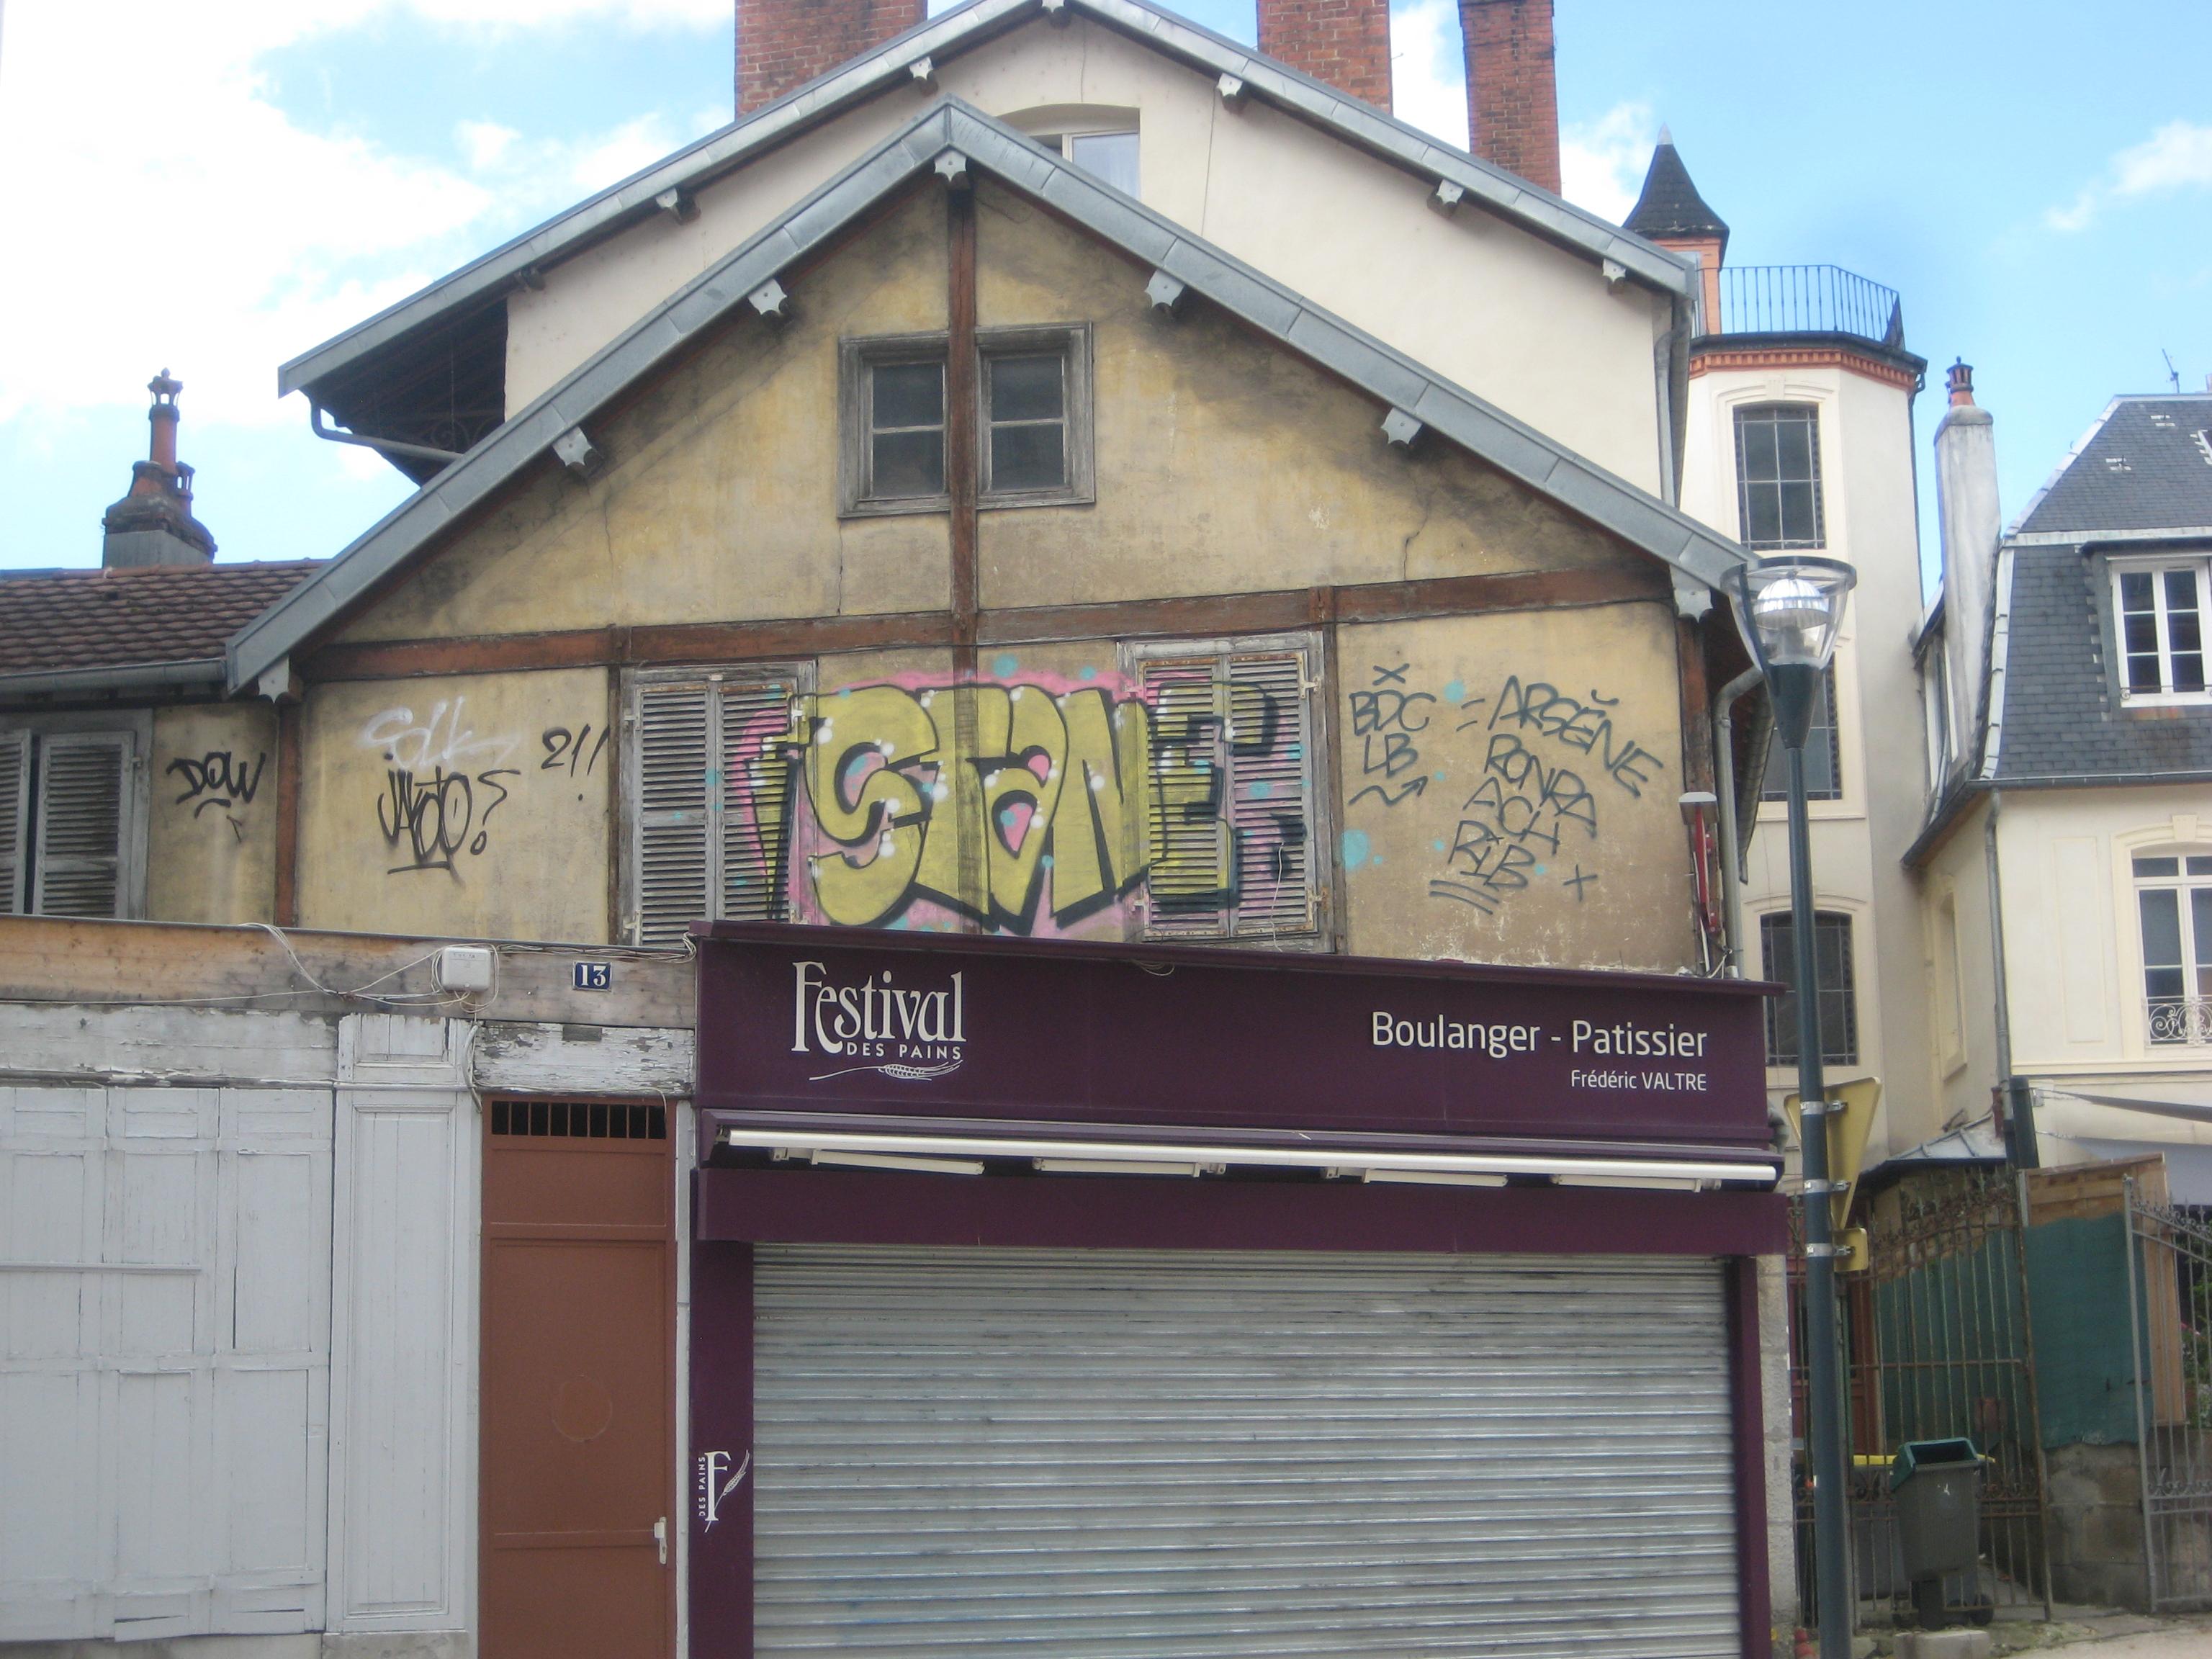 besancon_aout 2014_graffiti_Stane (2)